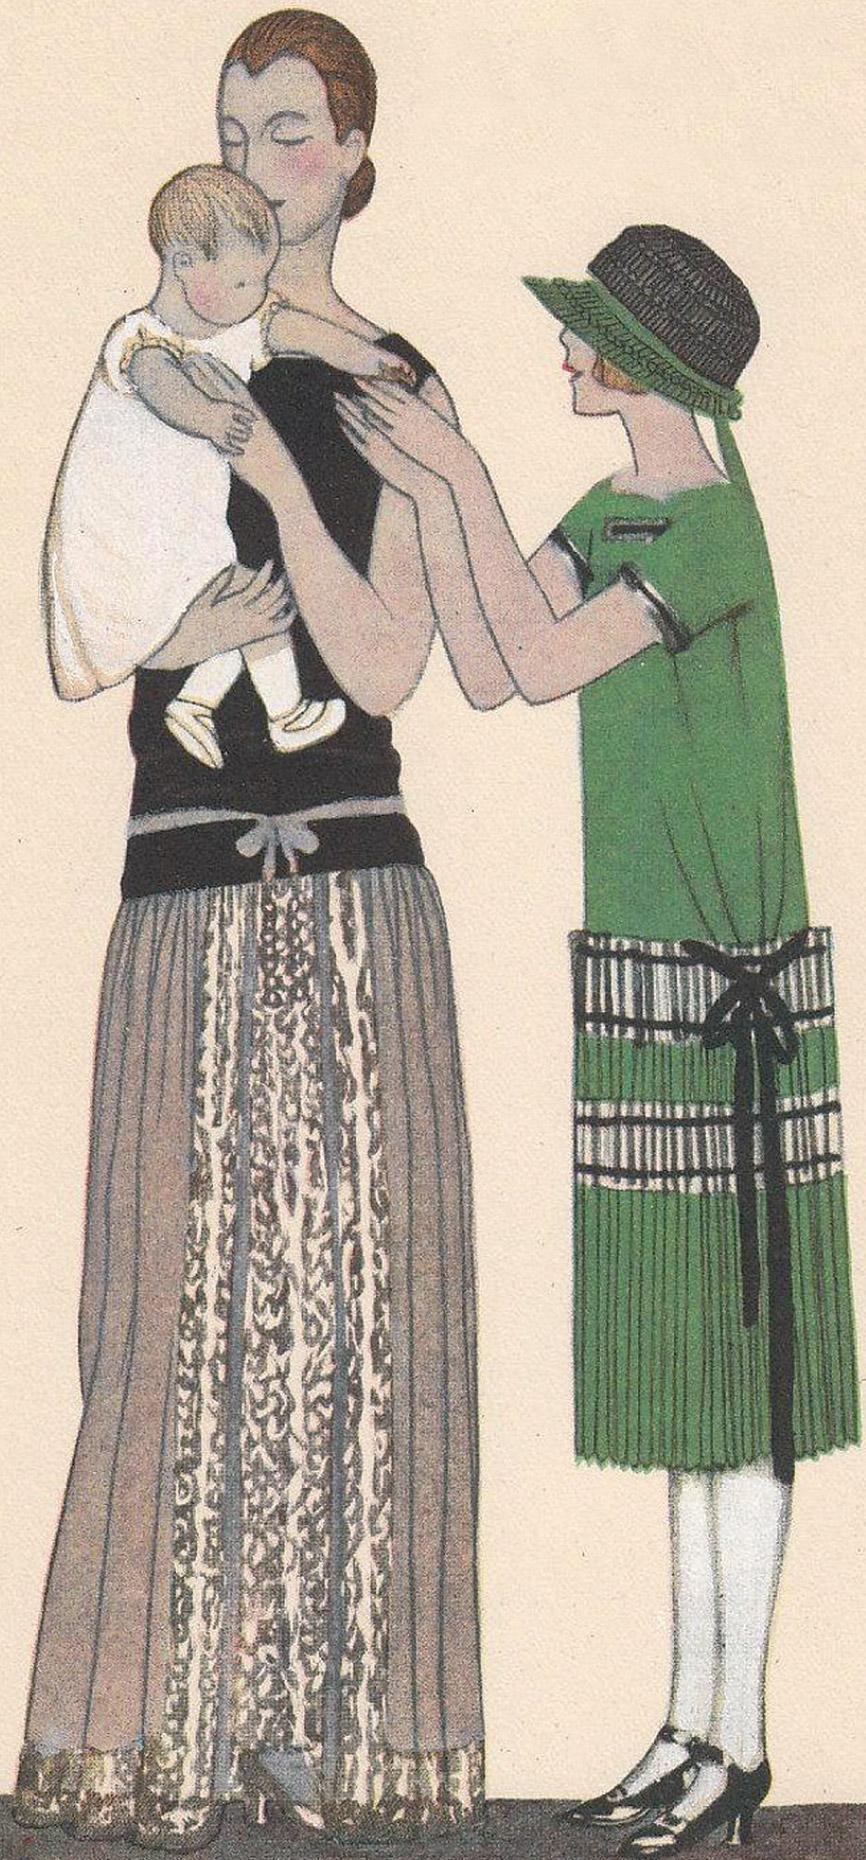 JEANNE LANVIN Haute Couture Paris 1922, plissierte Hänger-Kleider